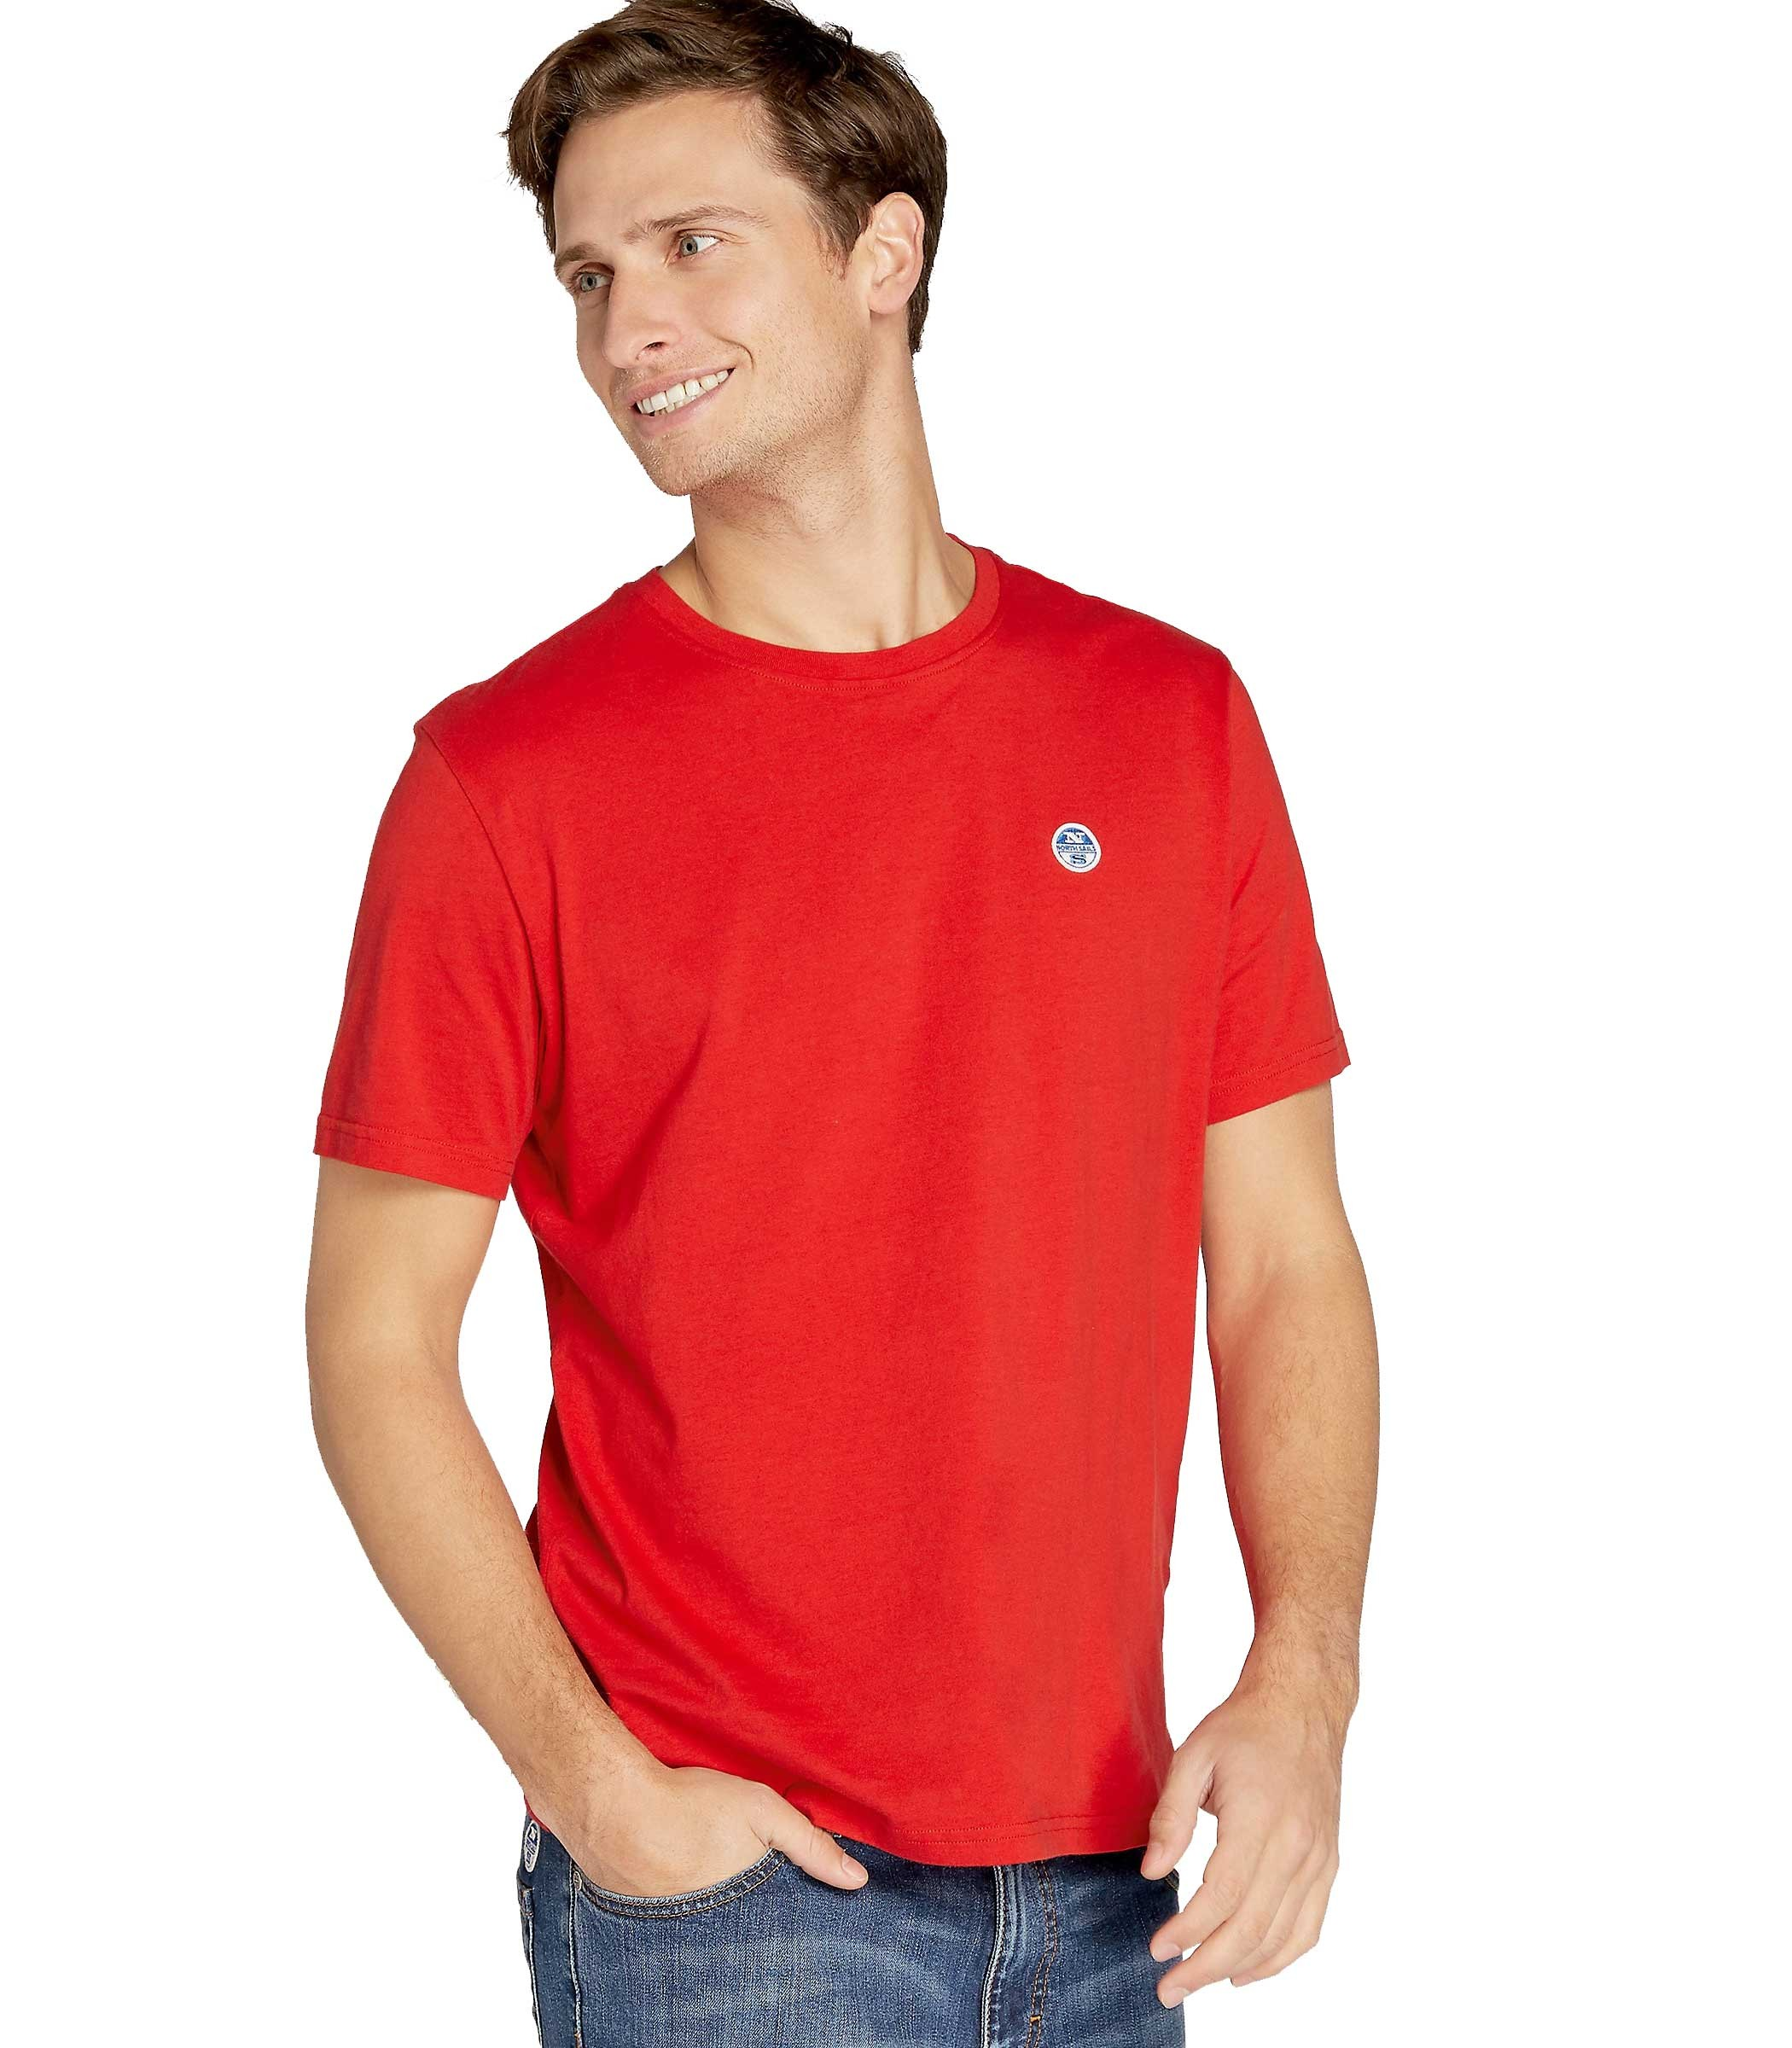 719575a238 T-shirt NORTH SAILS Lowell girocollo con logo da uomo rif. 692167 000